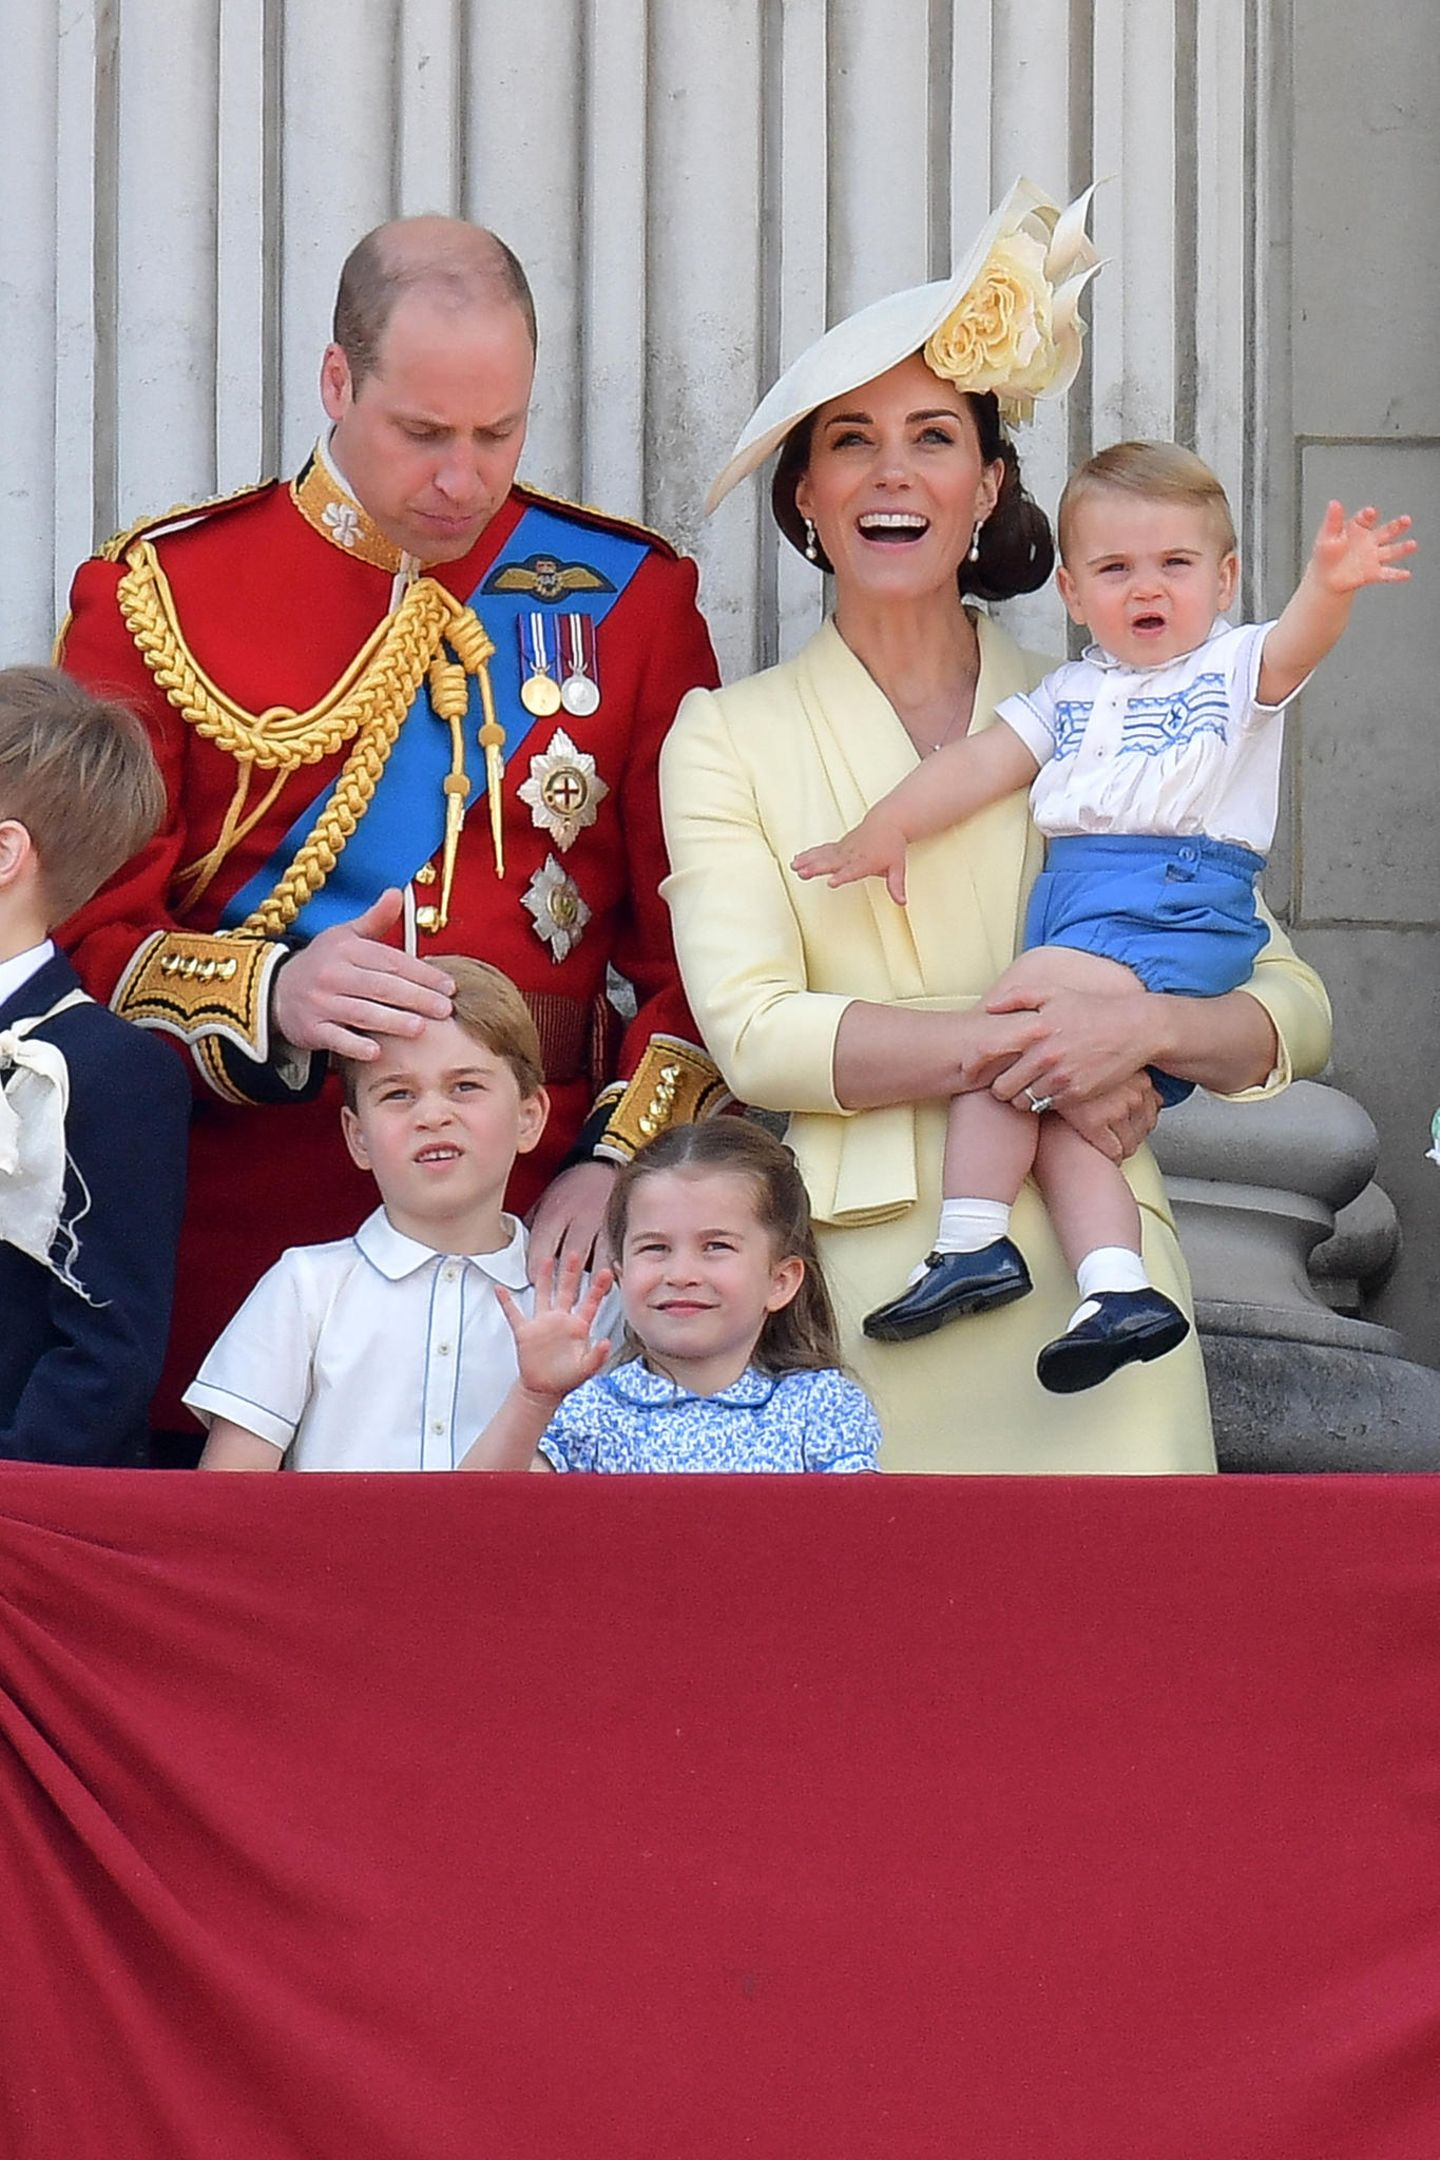 Im Gegensatz zu seinem jüngerem Bruder scheint Prinz George nicht allzu angetan zu sein vom ganzen Trubel.